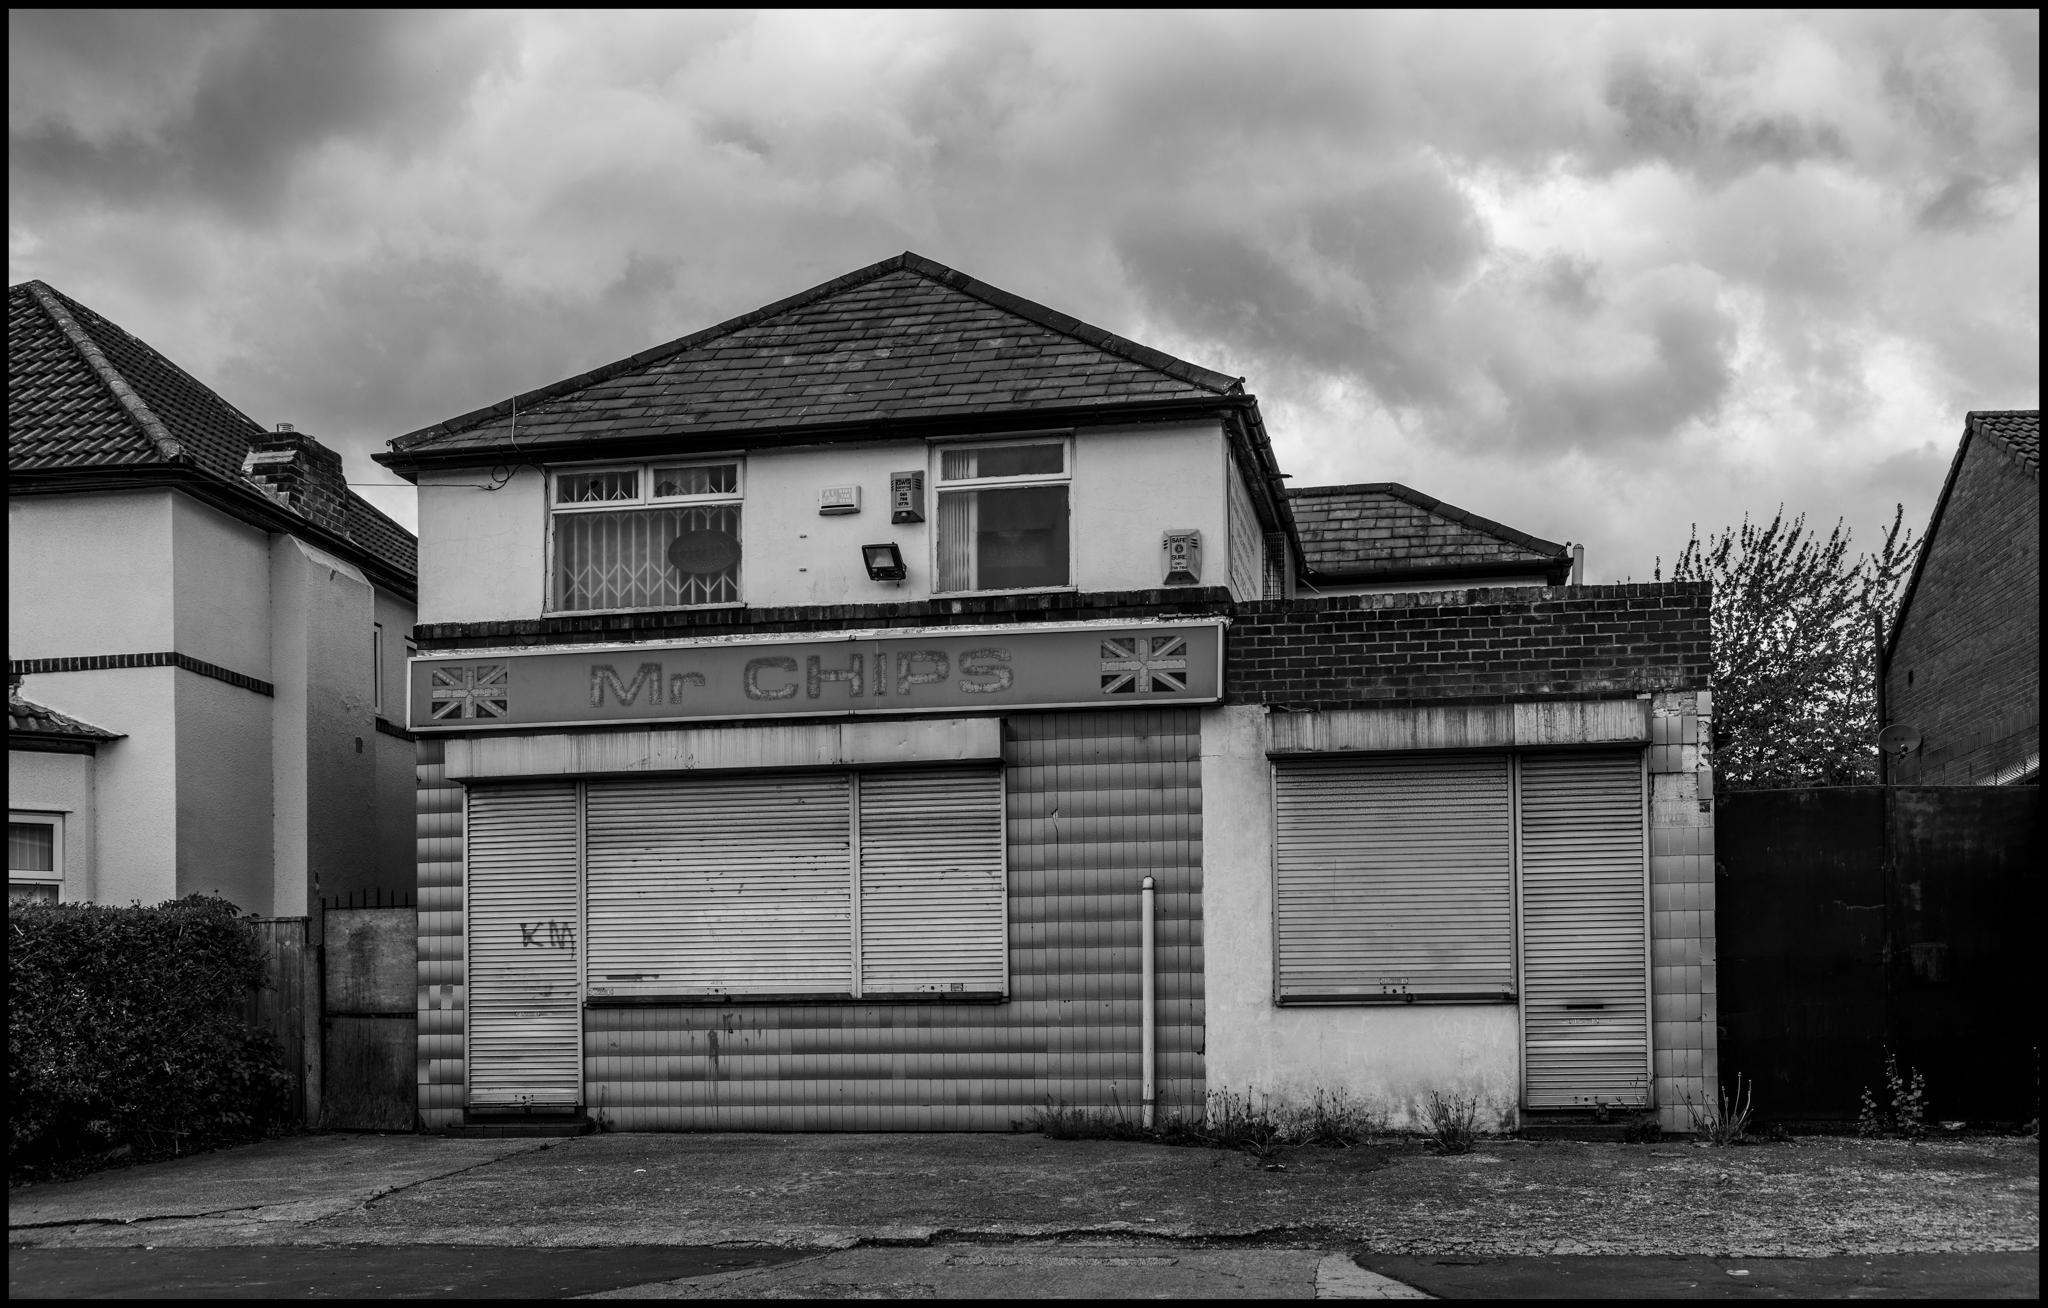 29 April 2019 - Mr Chips house, Manchester UK